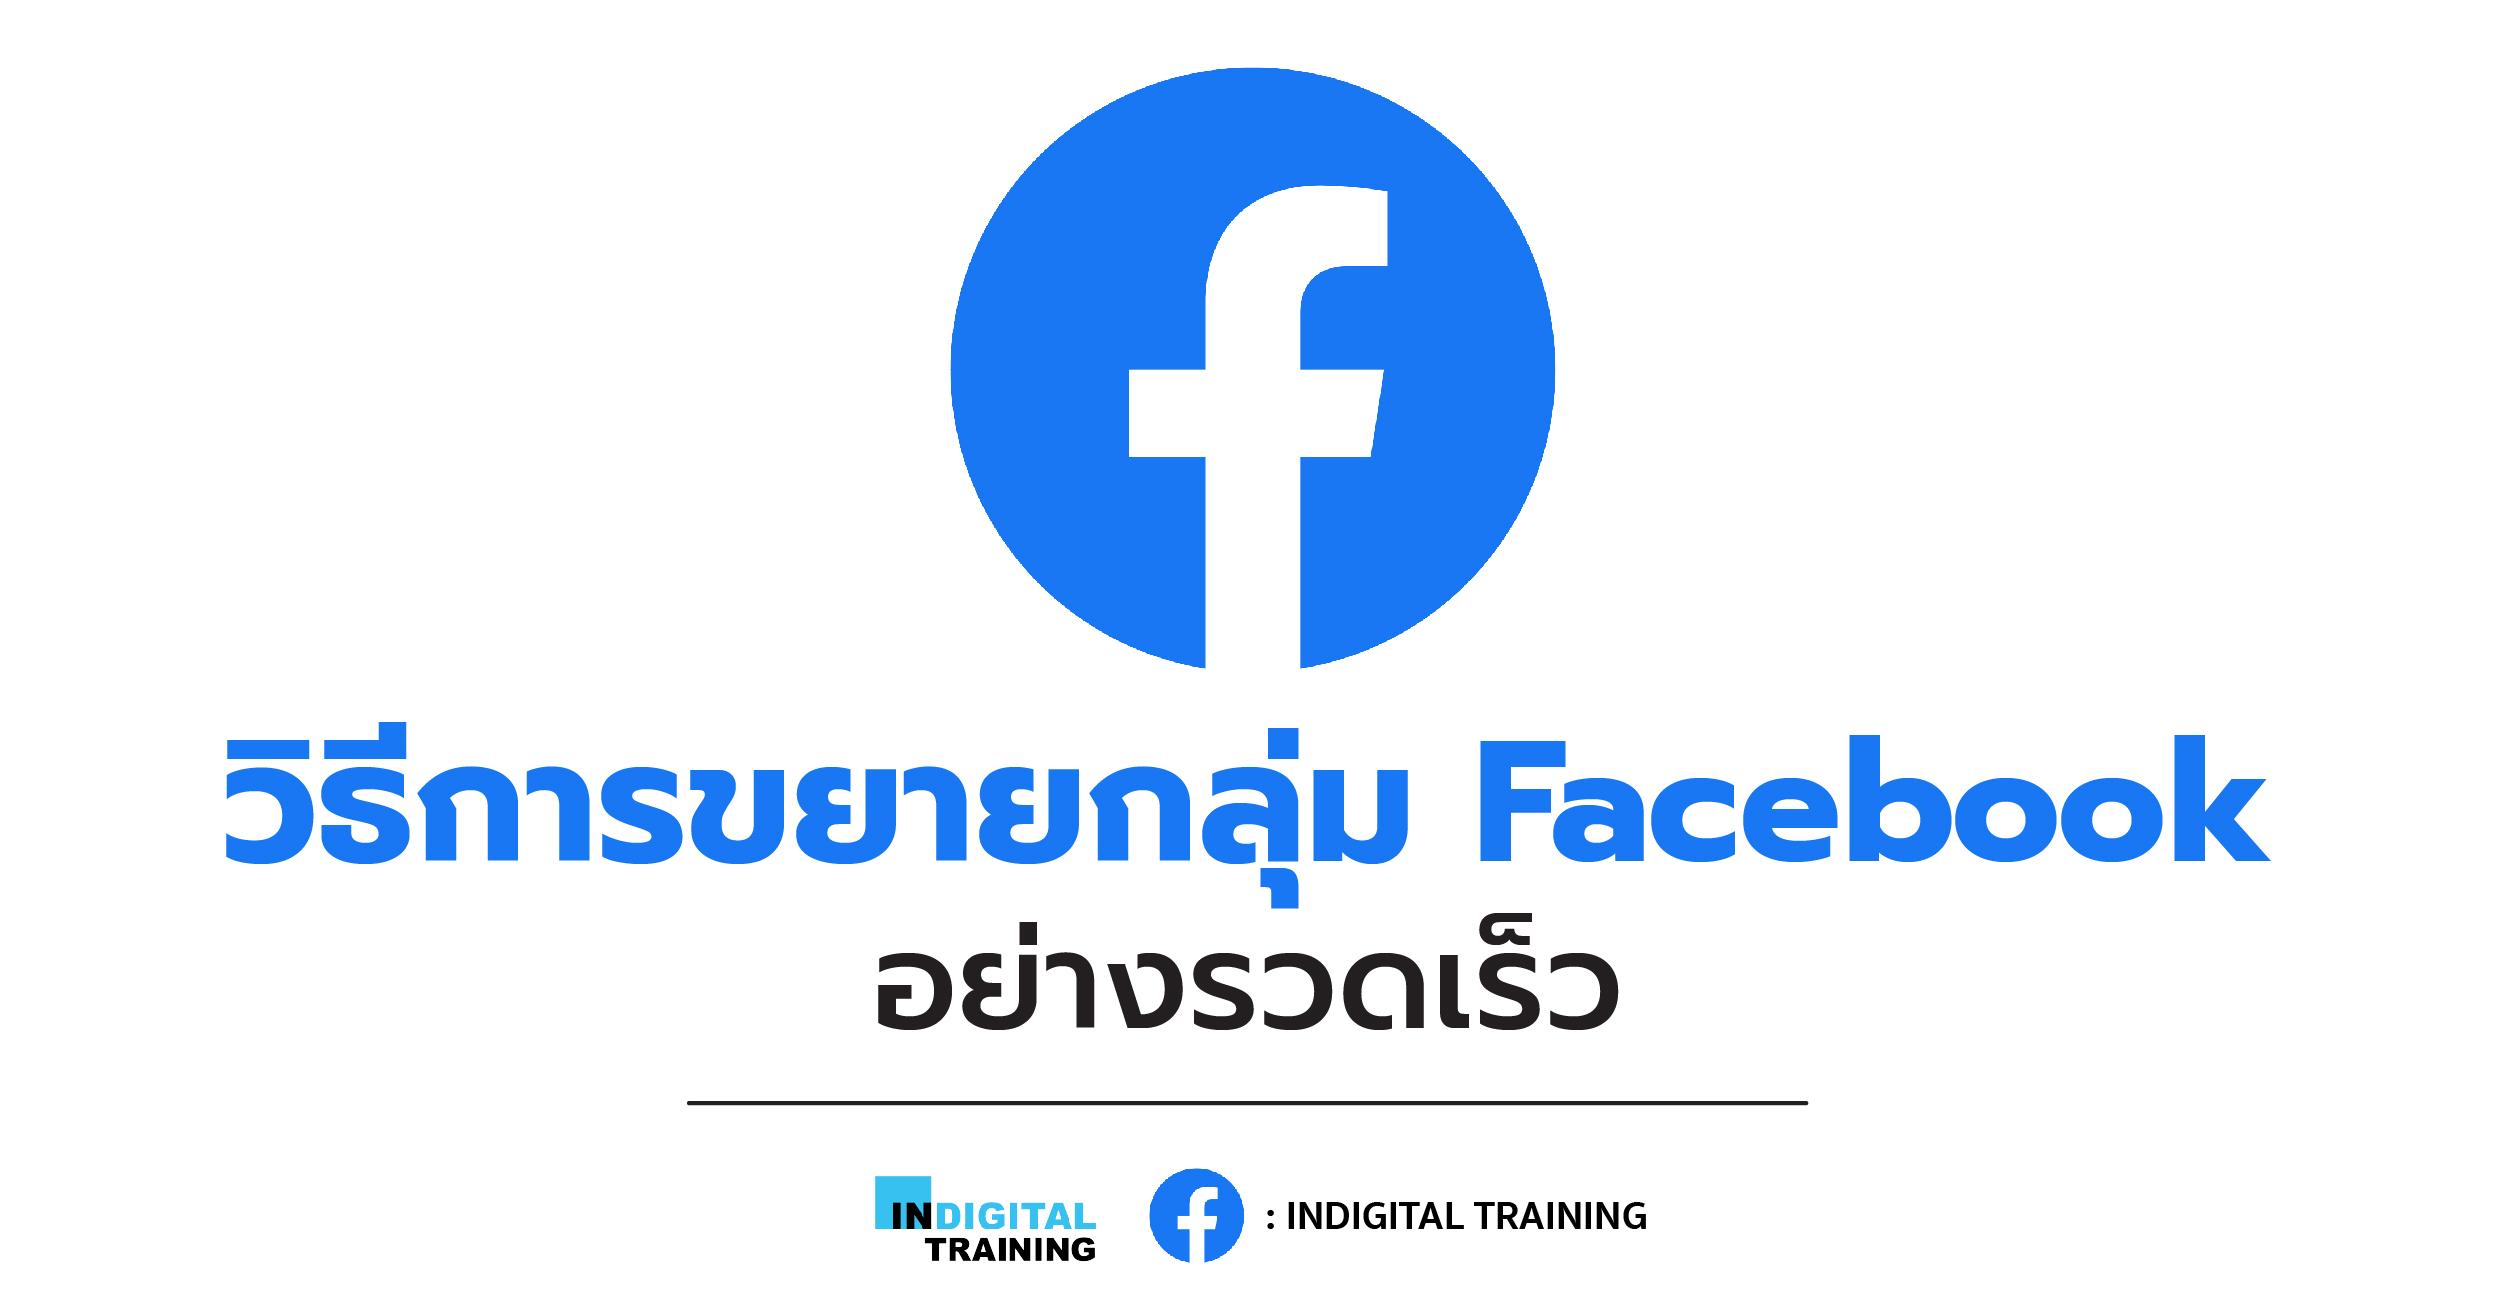 วิธีการขยายกลุ่ม Facebook อย่างรวดเร็ว